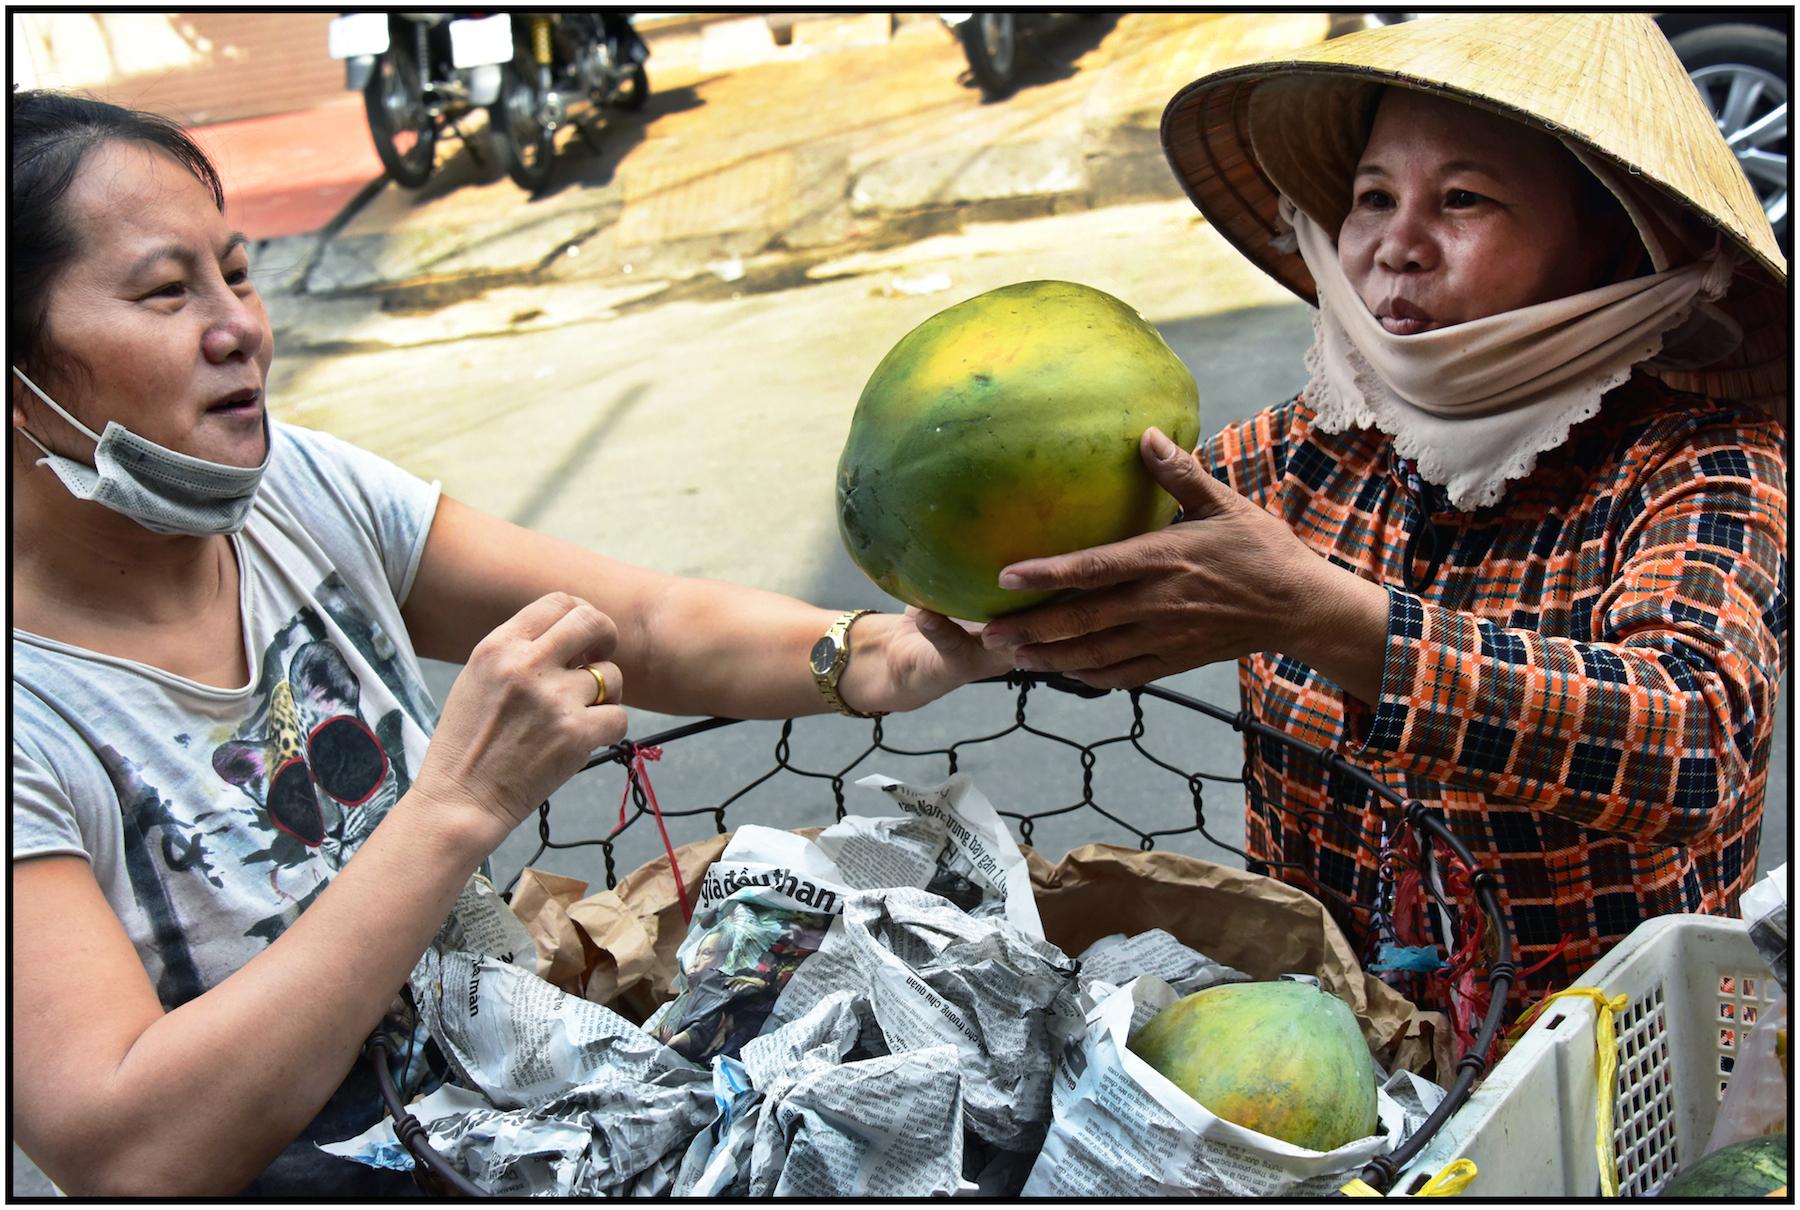 Vendor sells coconut, Bui Vien St., Saigon/HCMC, Dec. 2015. #3556